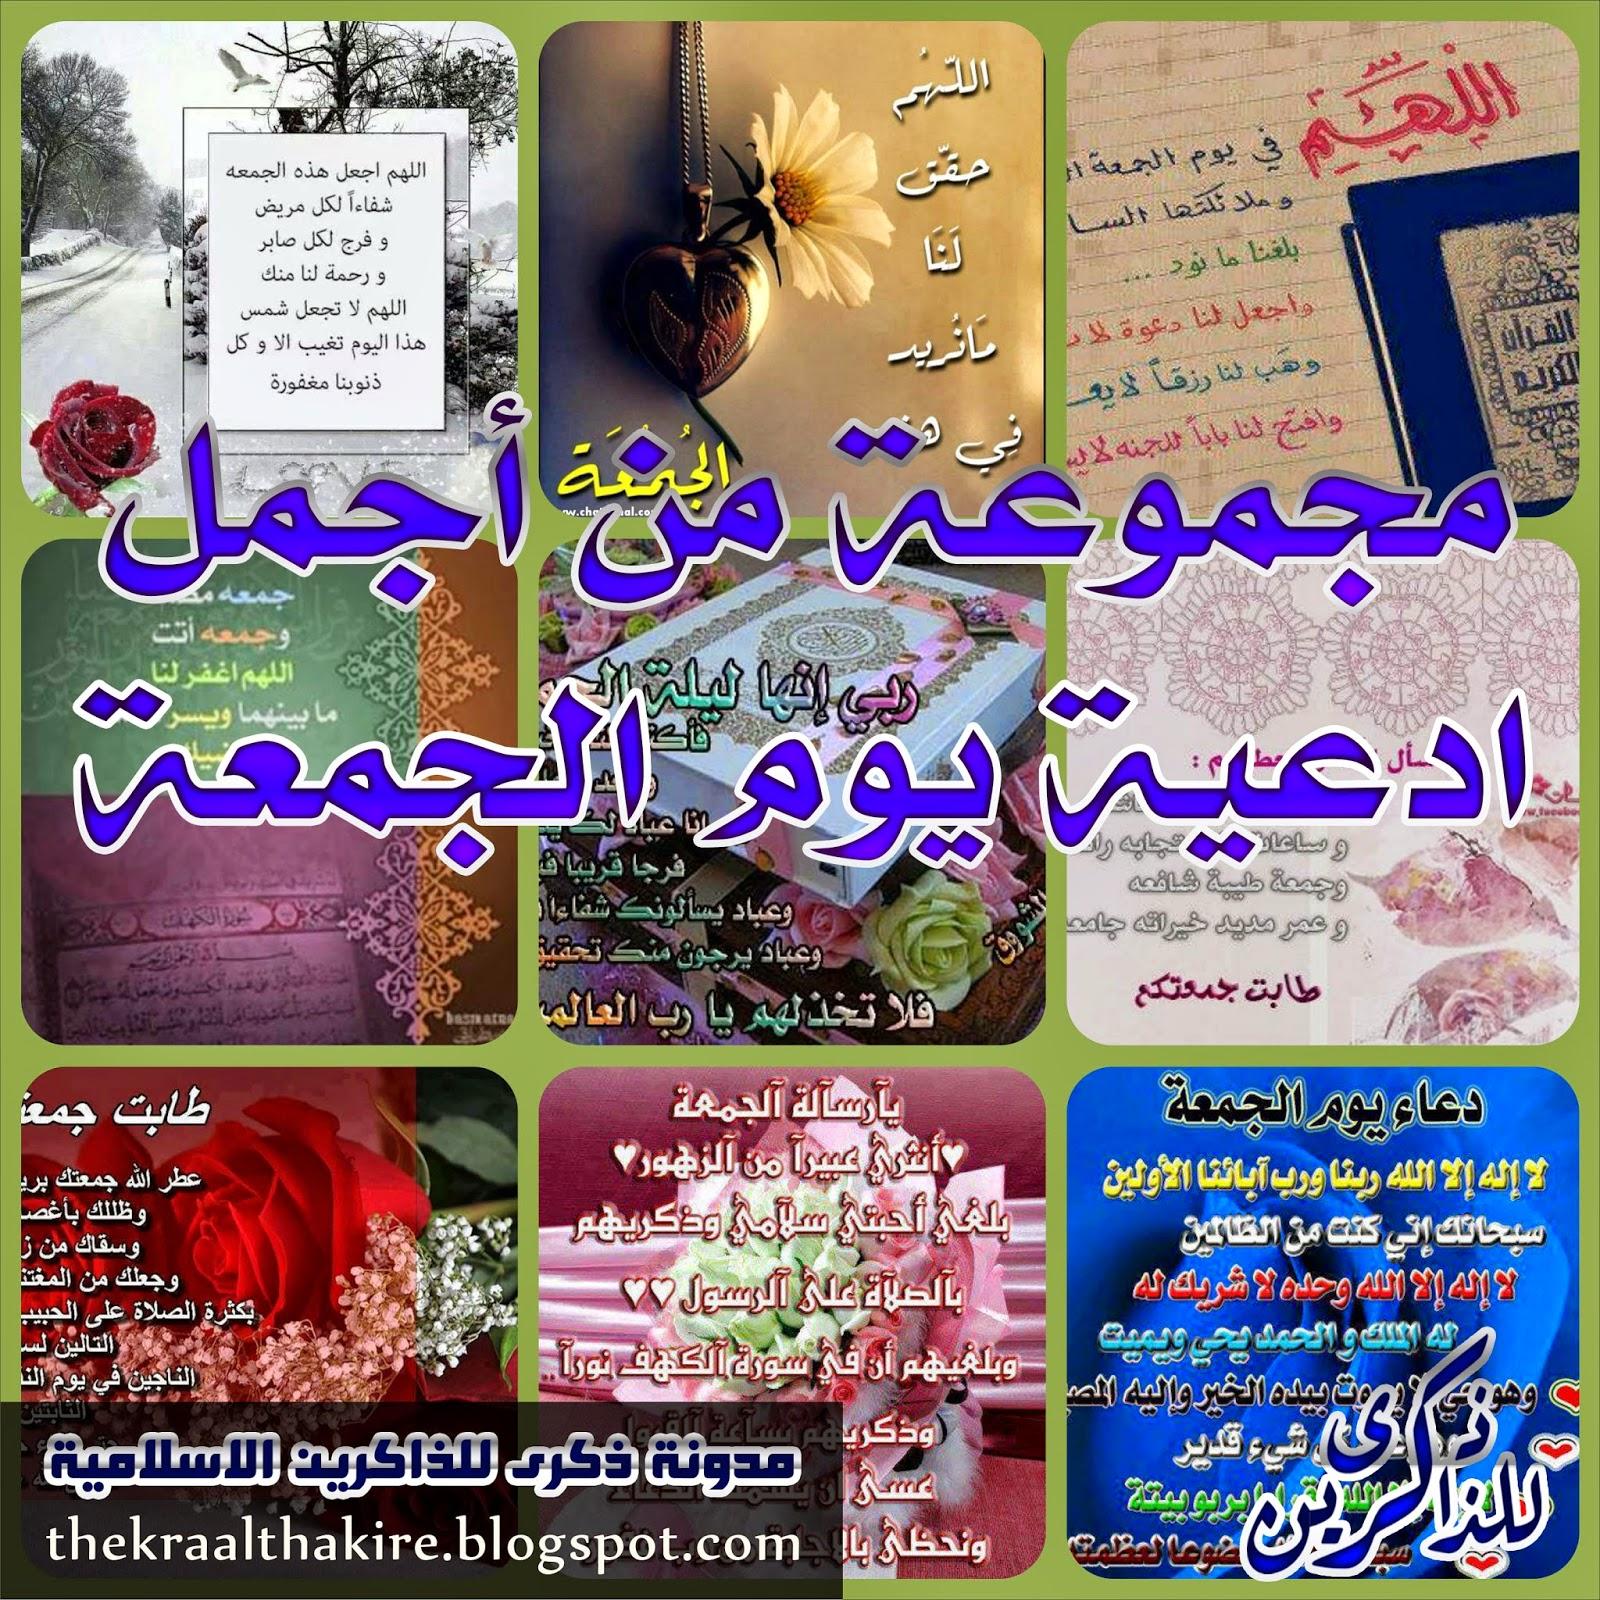 Ahbab Rasol ادعية وخلفيات ليوم الجمعة 2014 جمعة مباركة للفيس